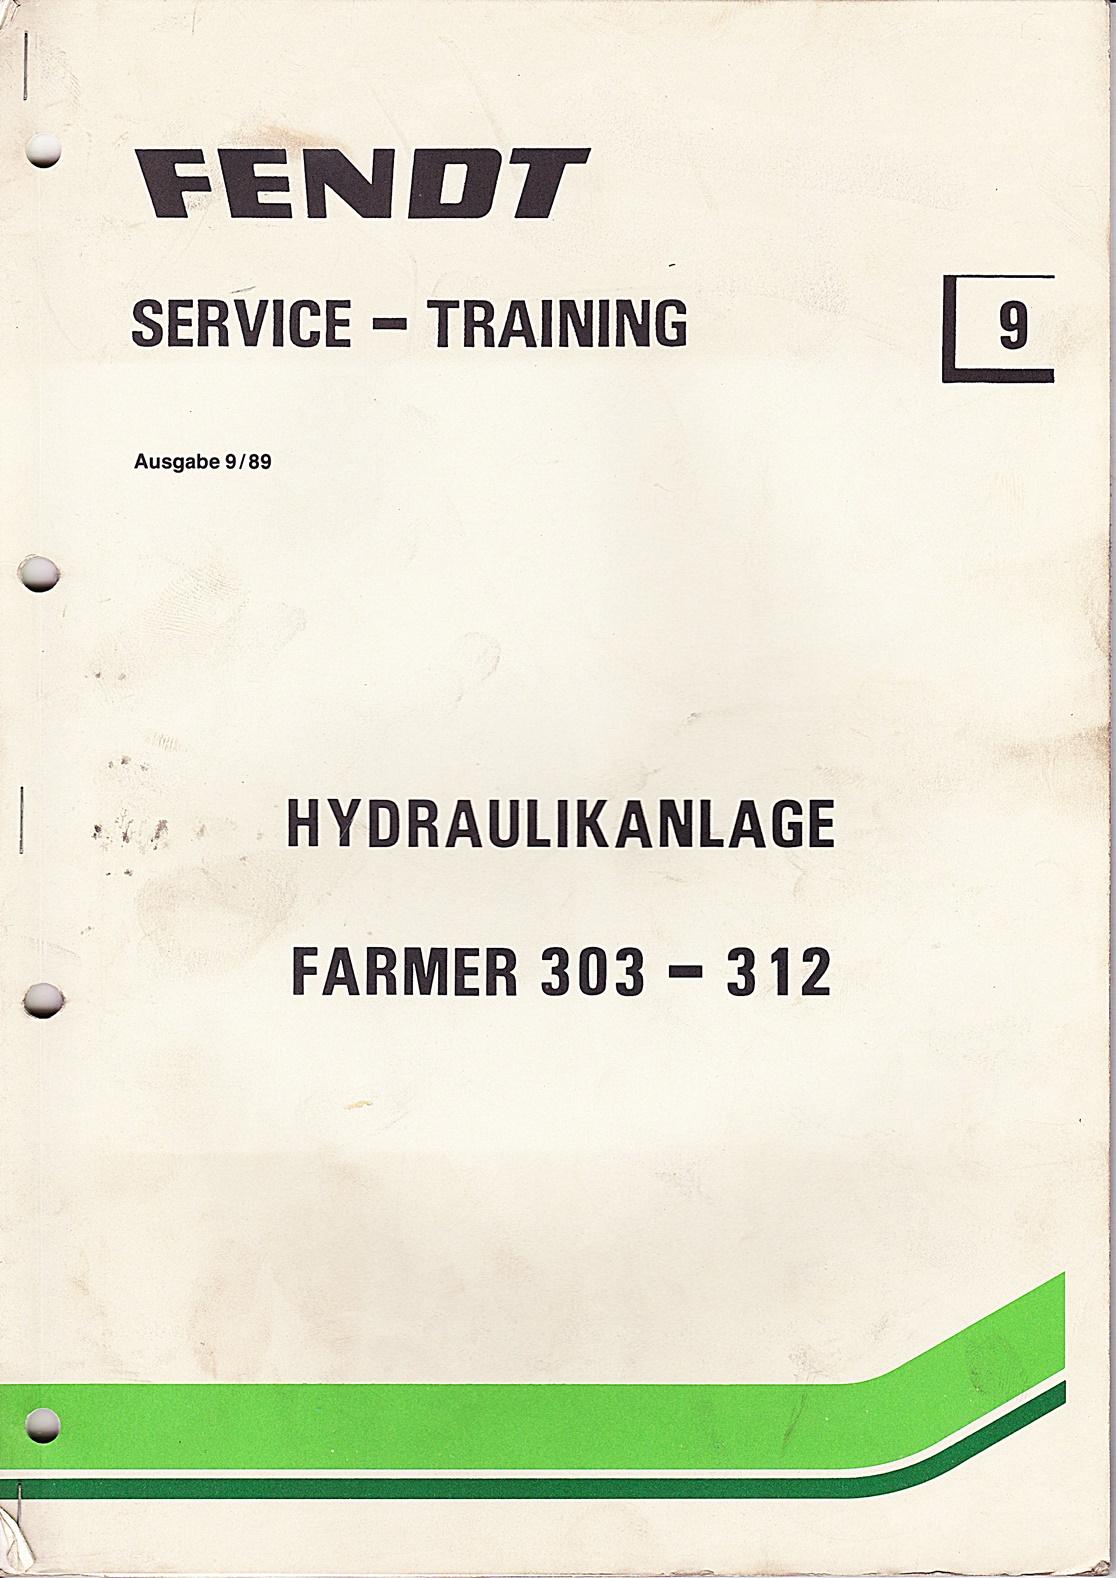 Fendt  Service und Training Nr. 9, Hydraulikanlage Farmer 303-312